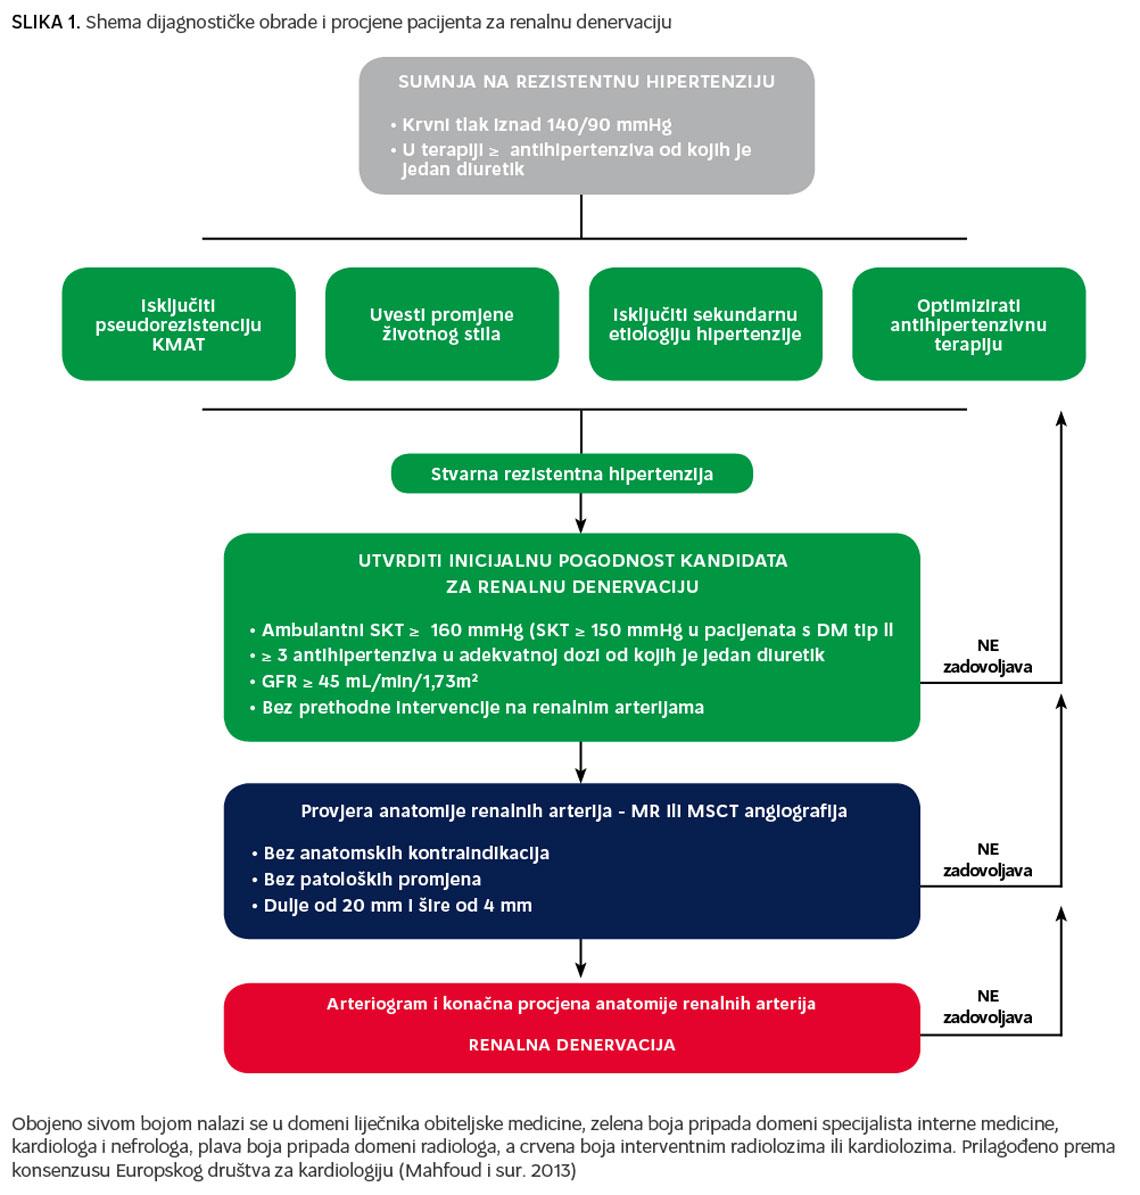 hipertenzija i boja terapija